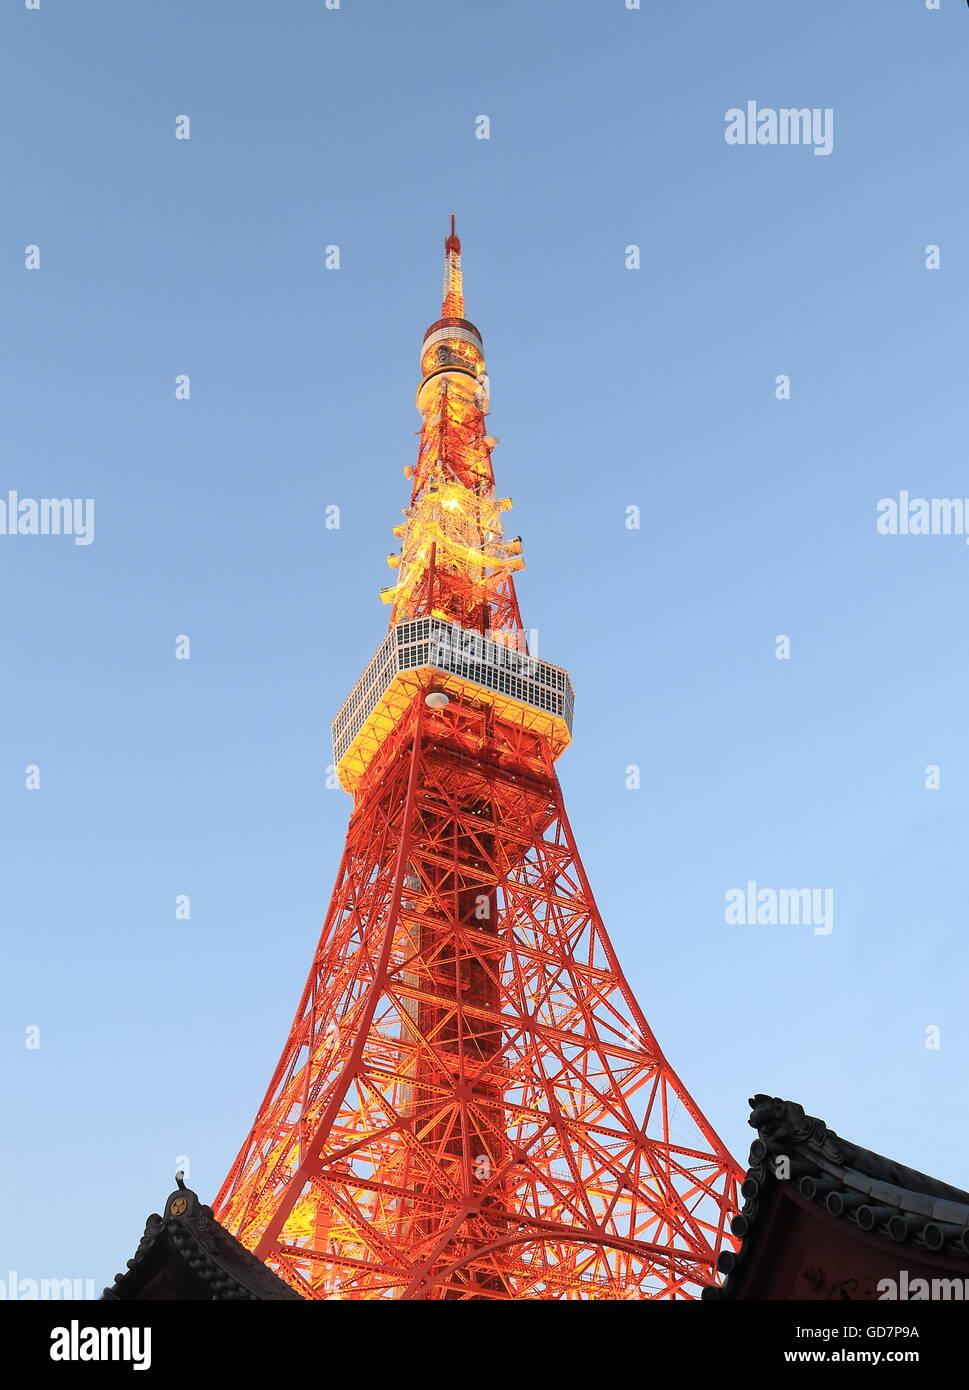 Iconic Tokyo Tower über japanische Kawara Dach in Tokio Japan. Stockbild